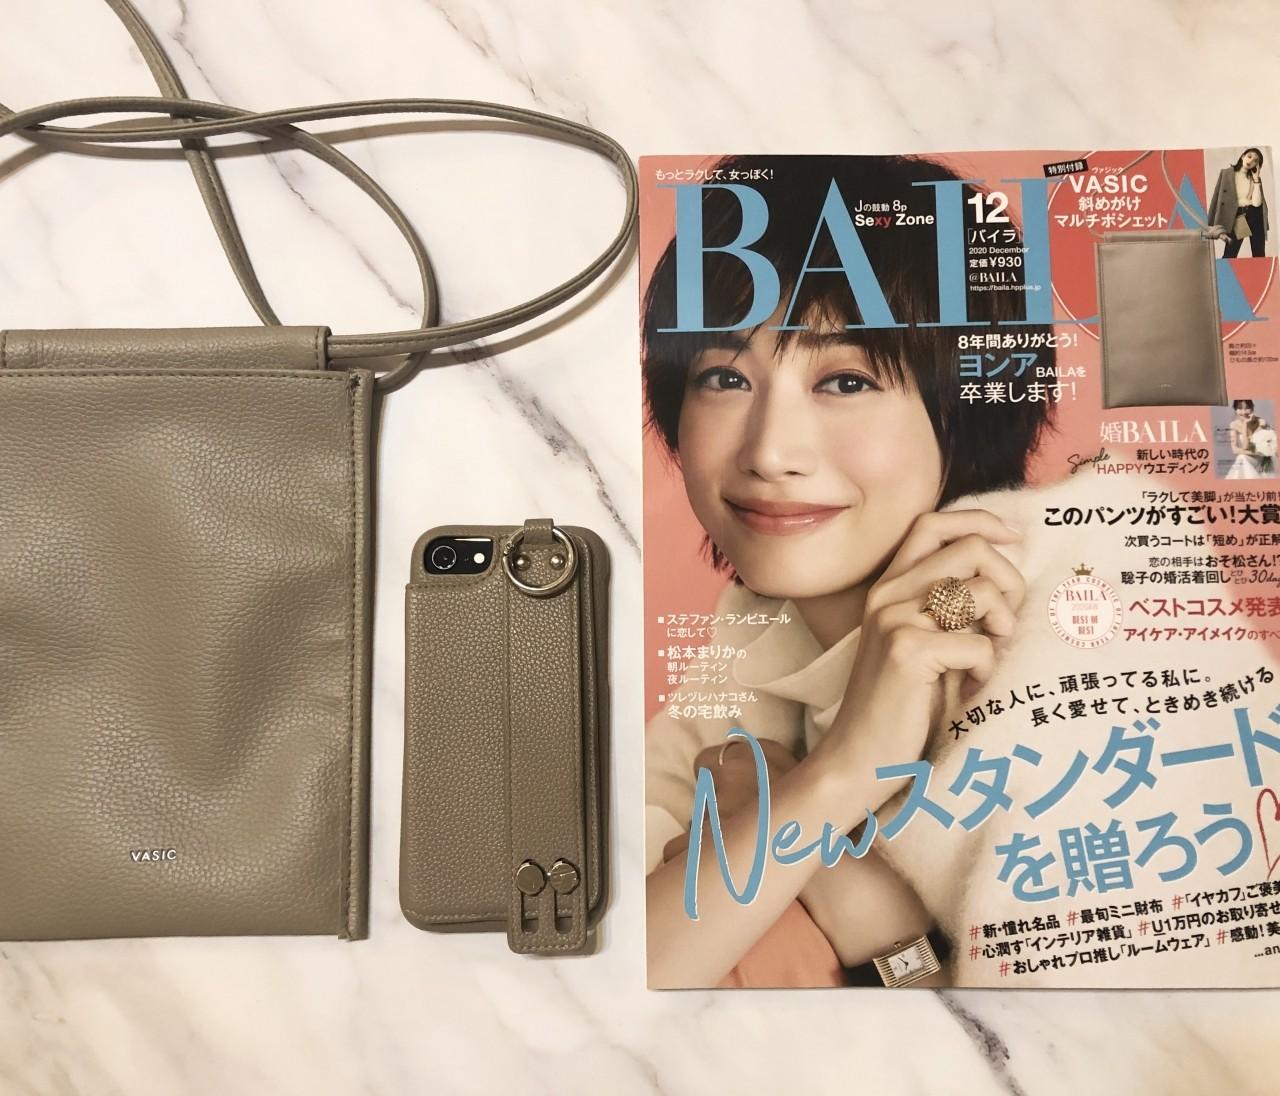 11/12発売【BAILA12月号】VASIC付録がすごい!